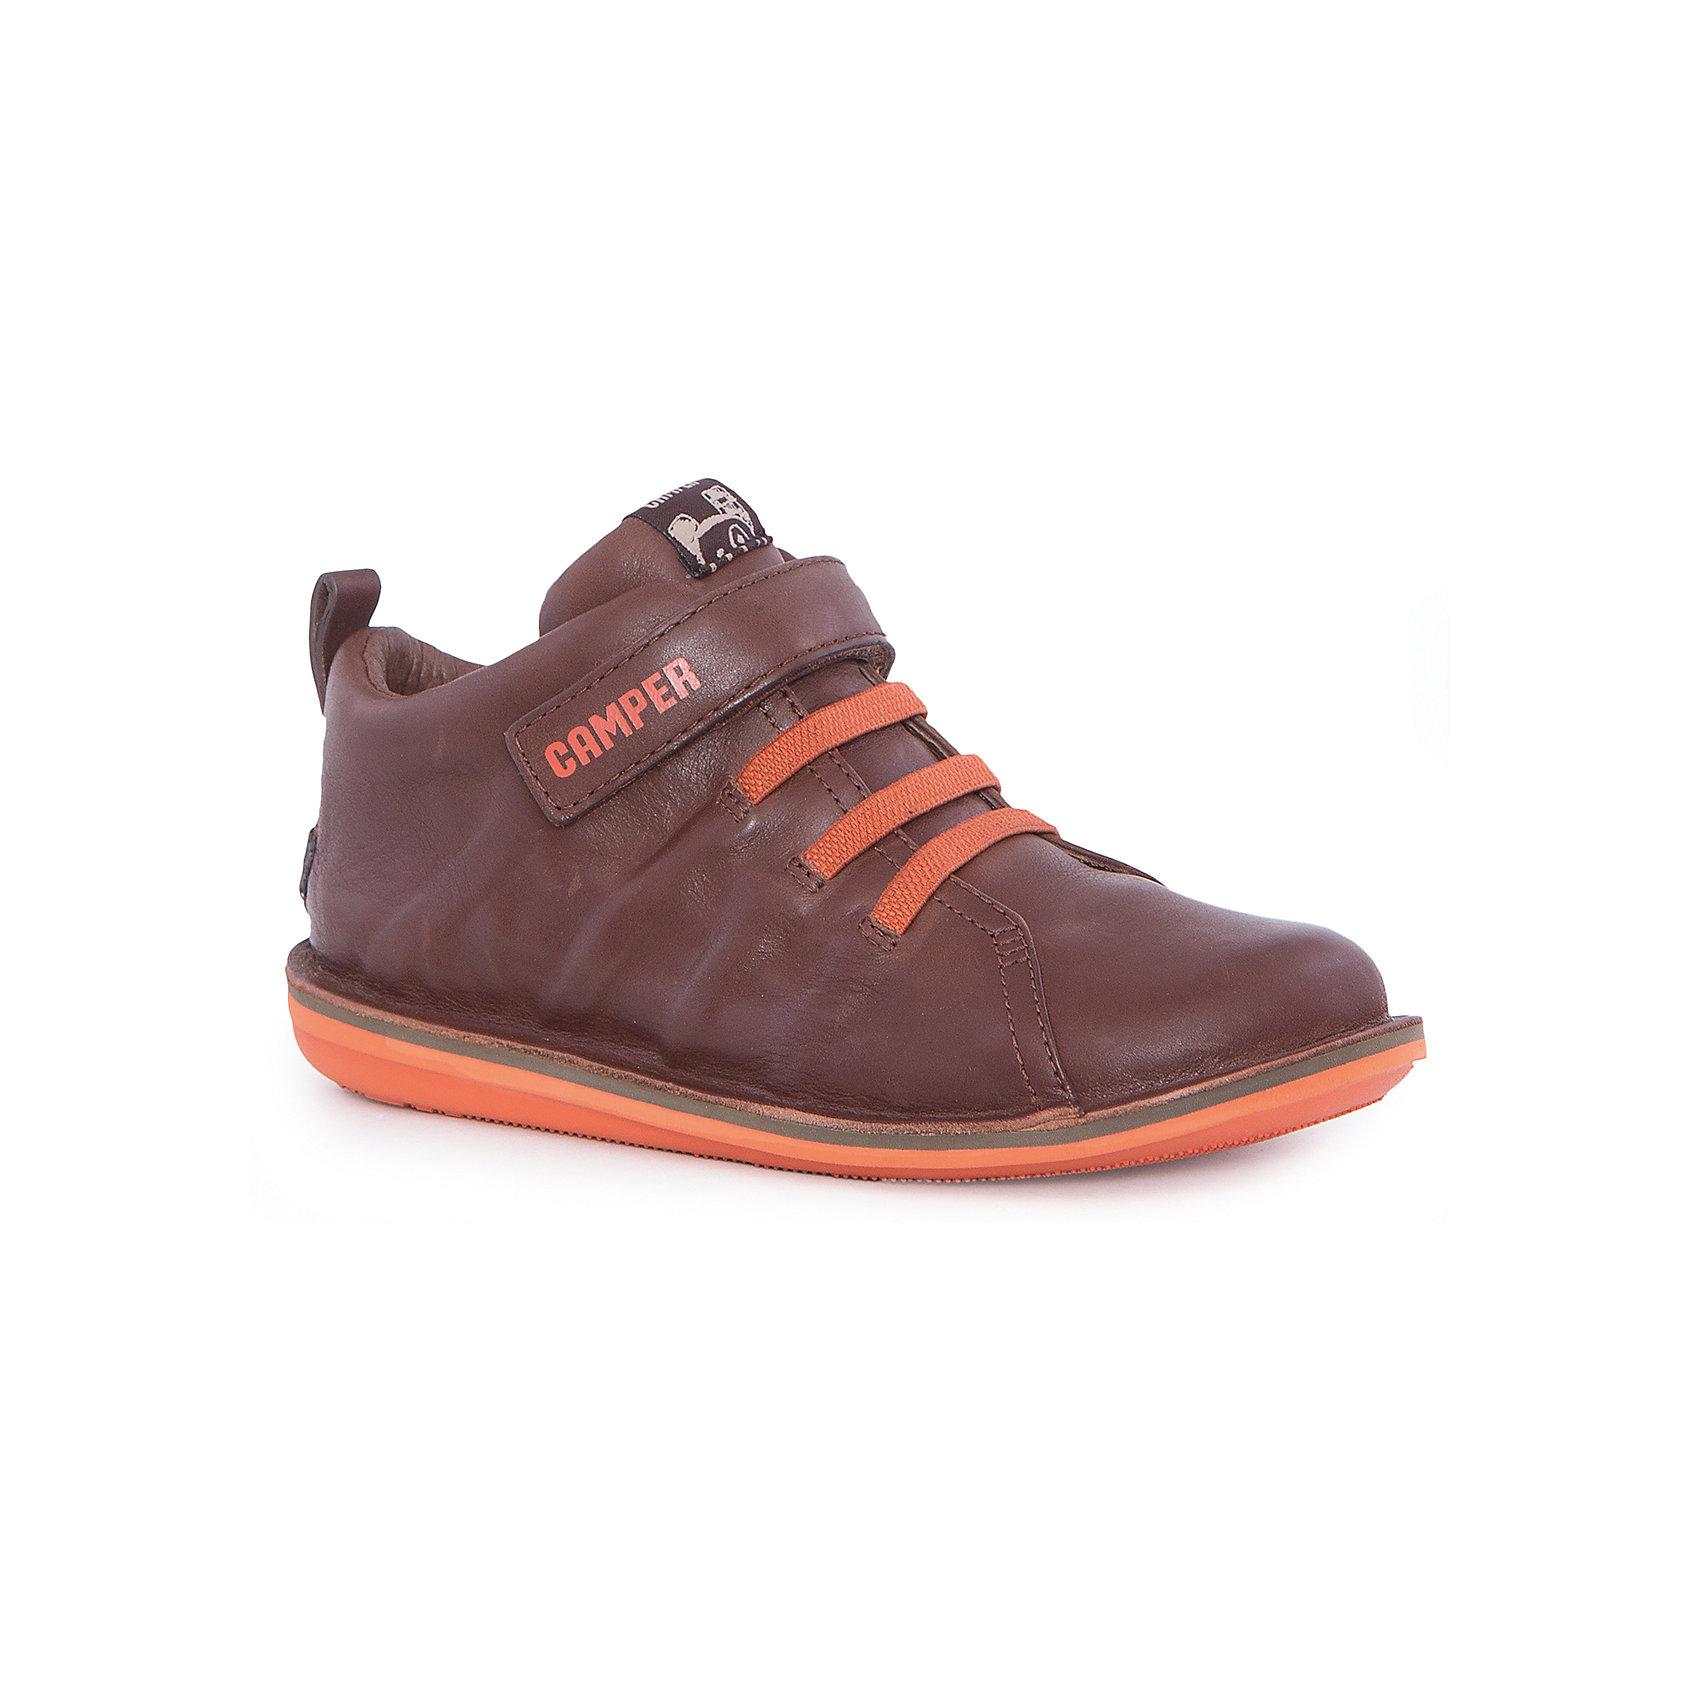 ботинки ortmann обувь ортопедическая малосложная bela арт 7 14 2 - Ботинки для мальчика Camper